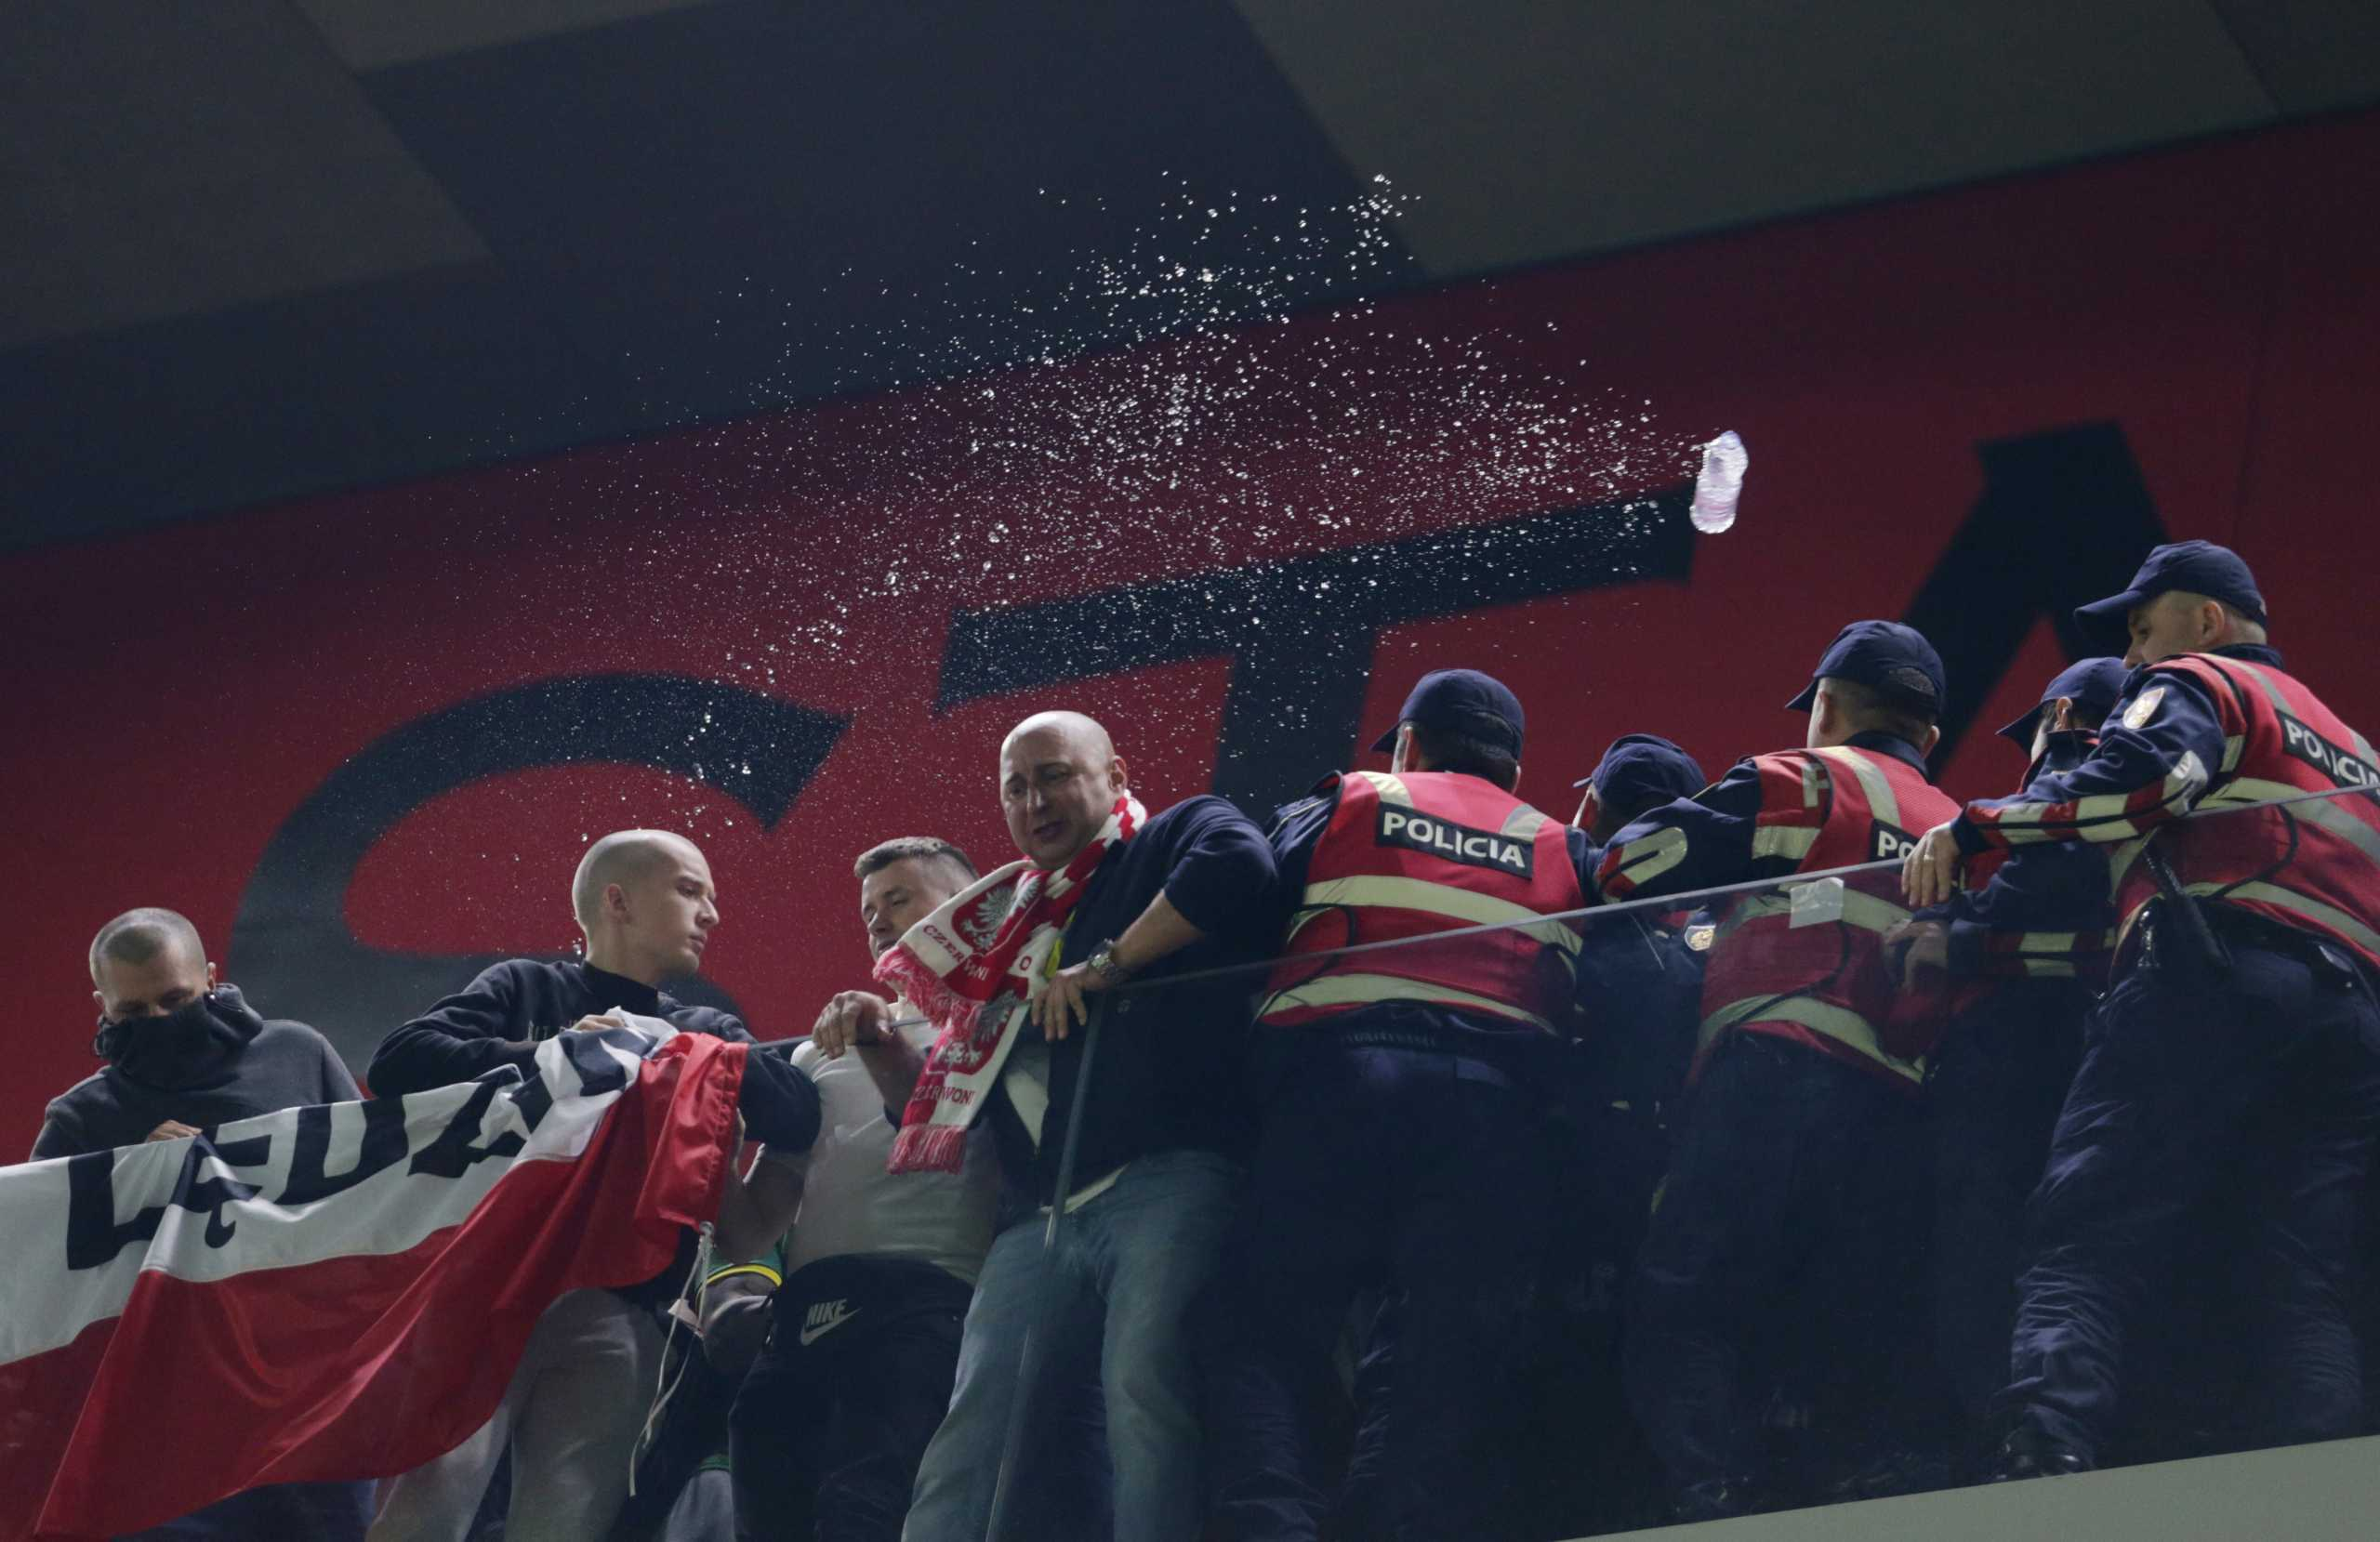 Προκριματικά Μουντιάλ 2022 – Κάρολ Σβιντέρσκι: «Έχω ευθύνη για τα μπουκάλια από τους Αλβανούς»